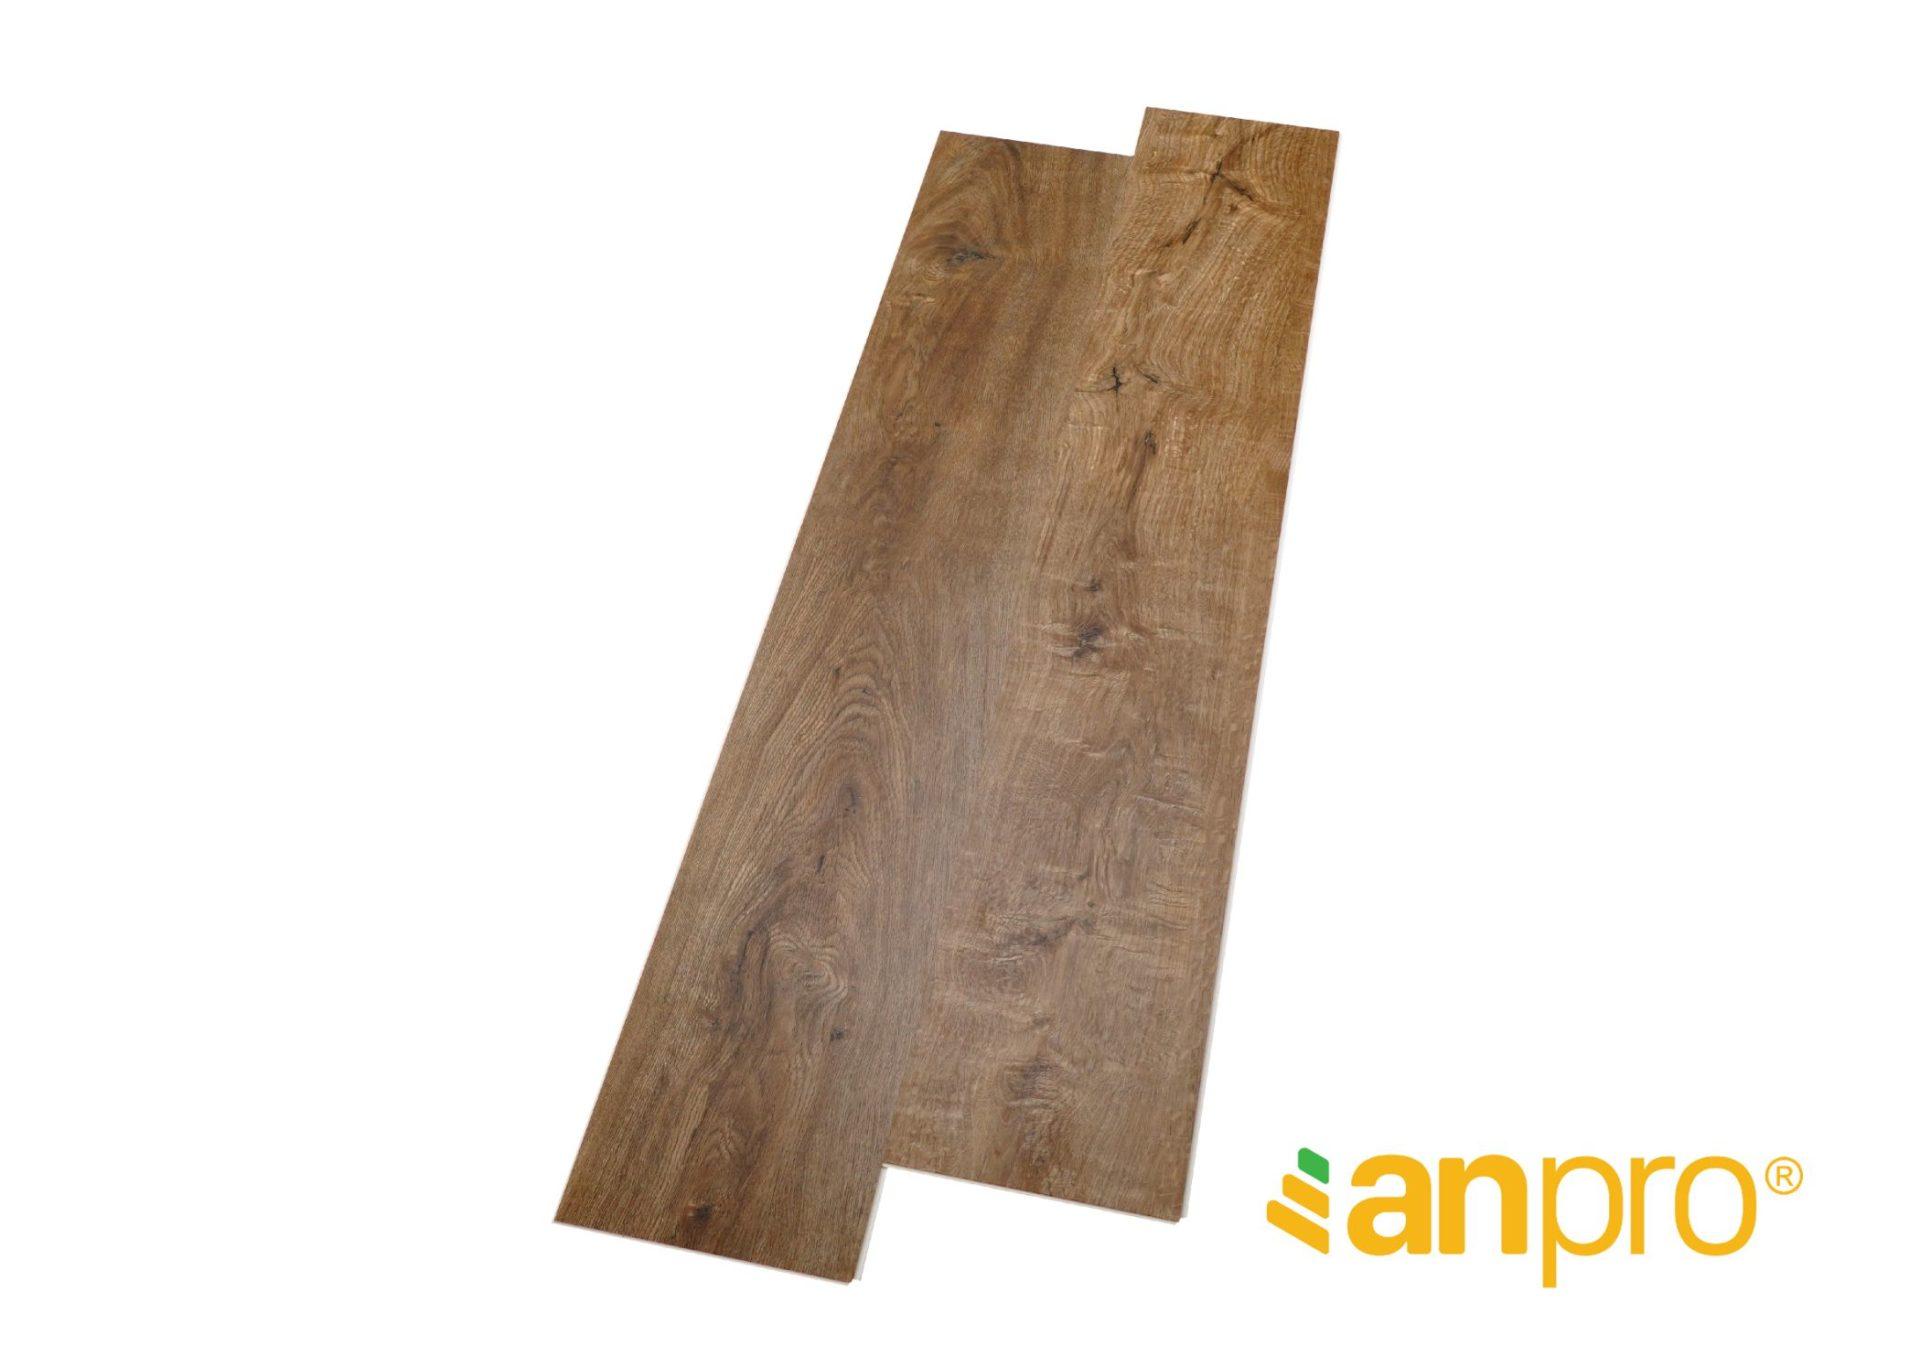 SA143 01 01 01 - Sàn AnPro vân gỗ SA152